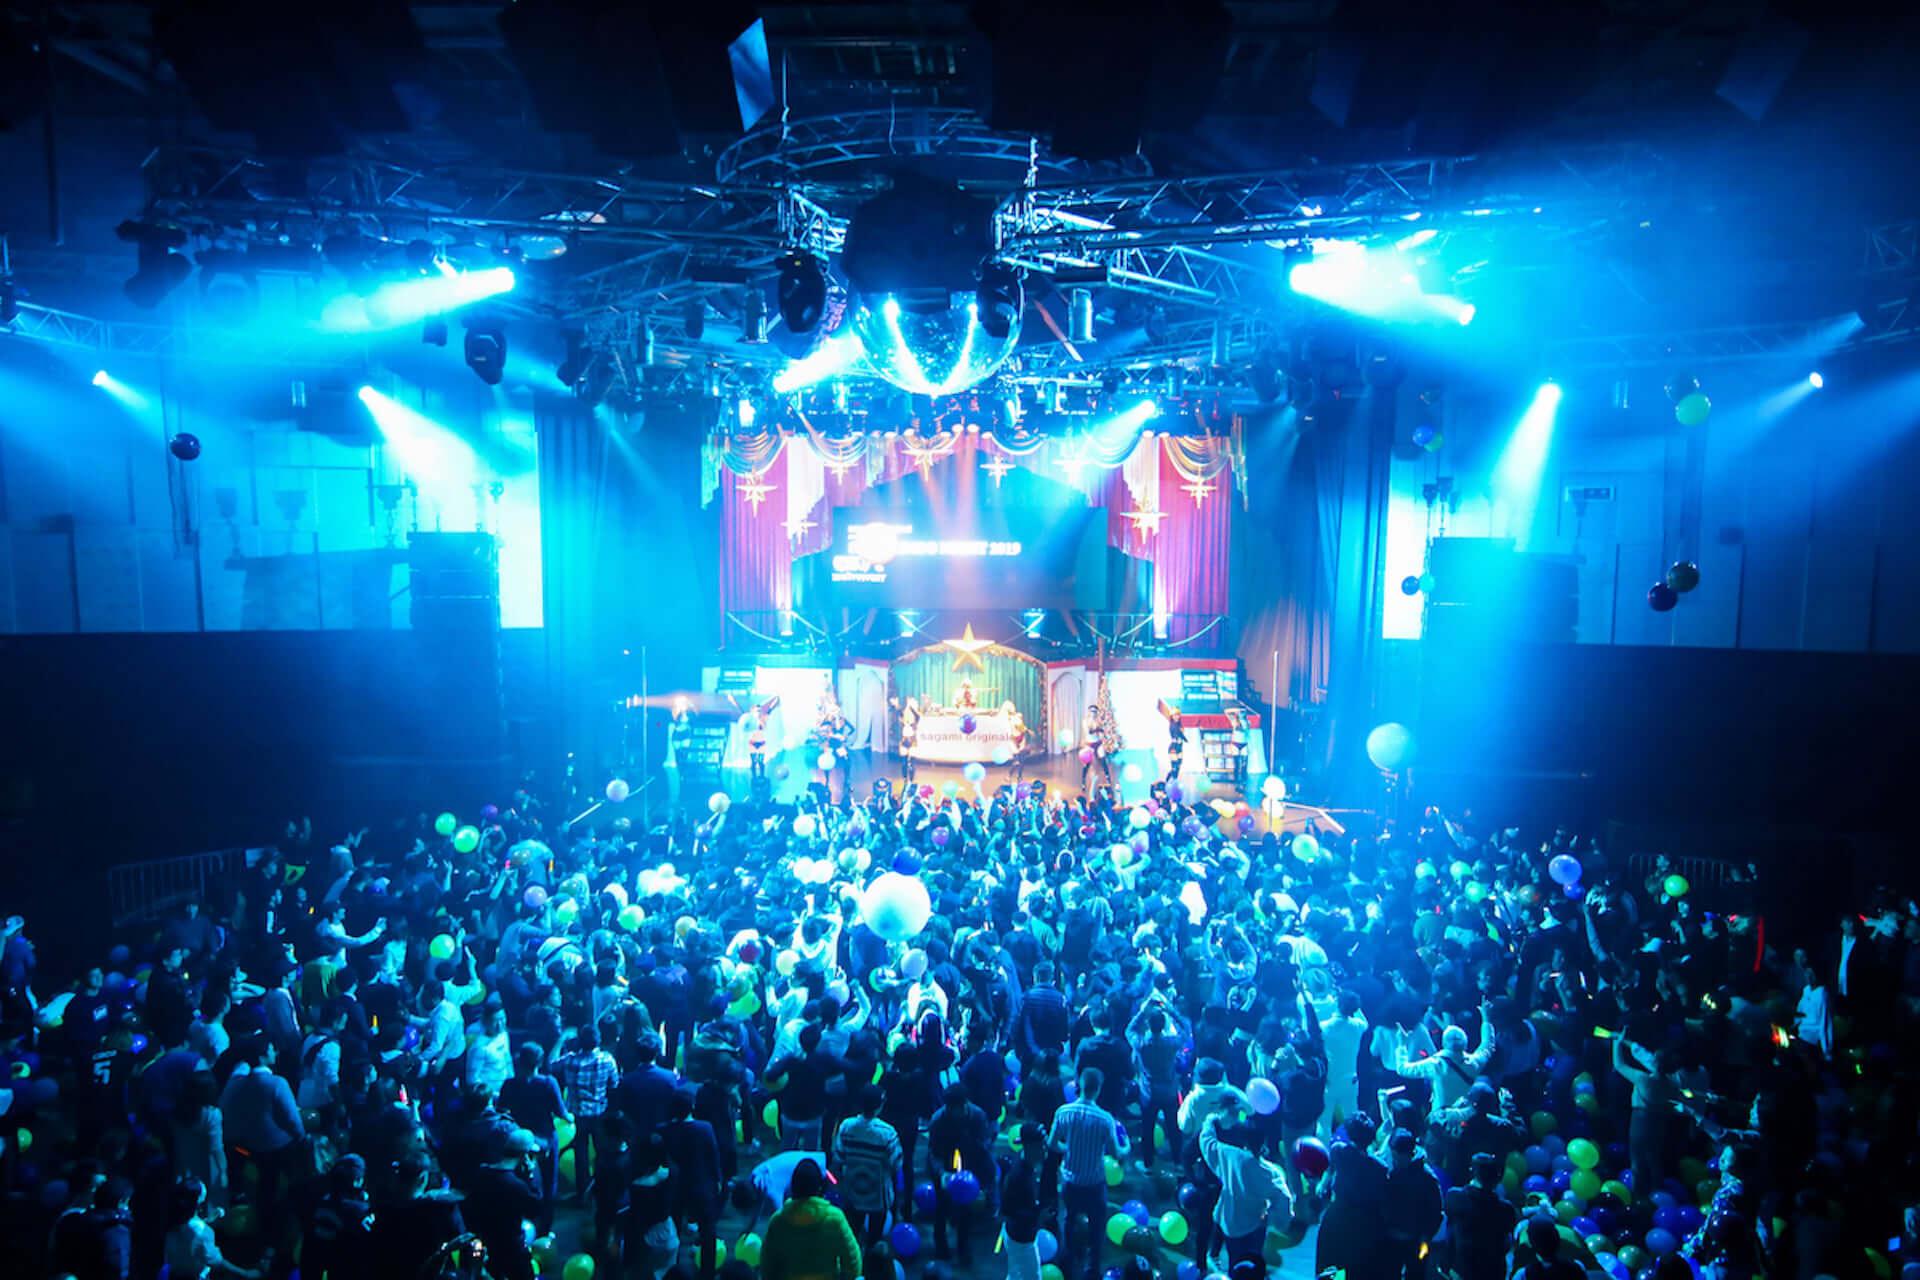 3,000人が出会う一夜!りんごちゃん、t-Ace等々出演のsagami original presents<SABISHINBO NIGHT 2019>25周年目のイベントレポート music191224_sabishinbo2019after_2-1920x1280